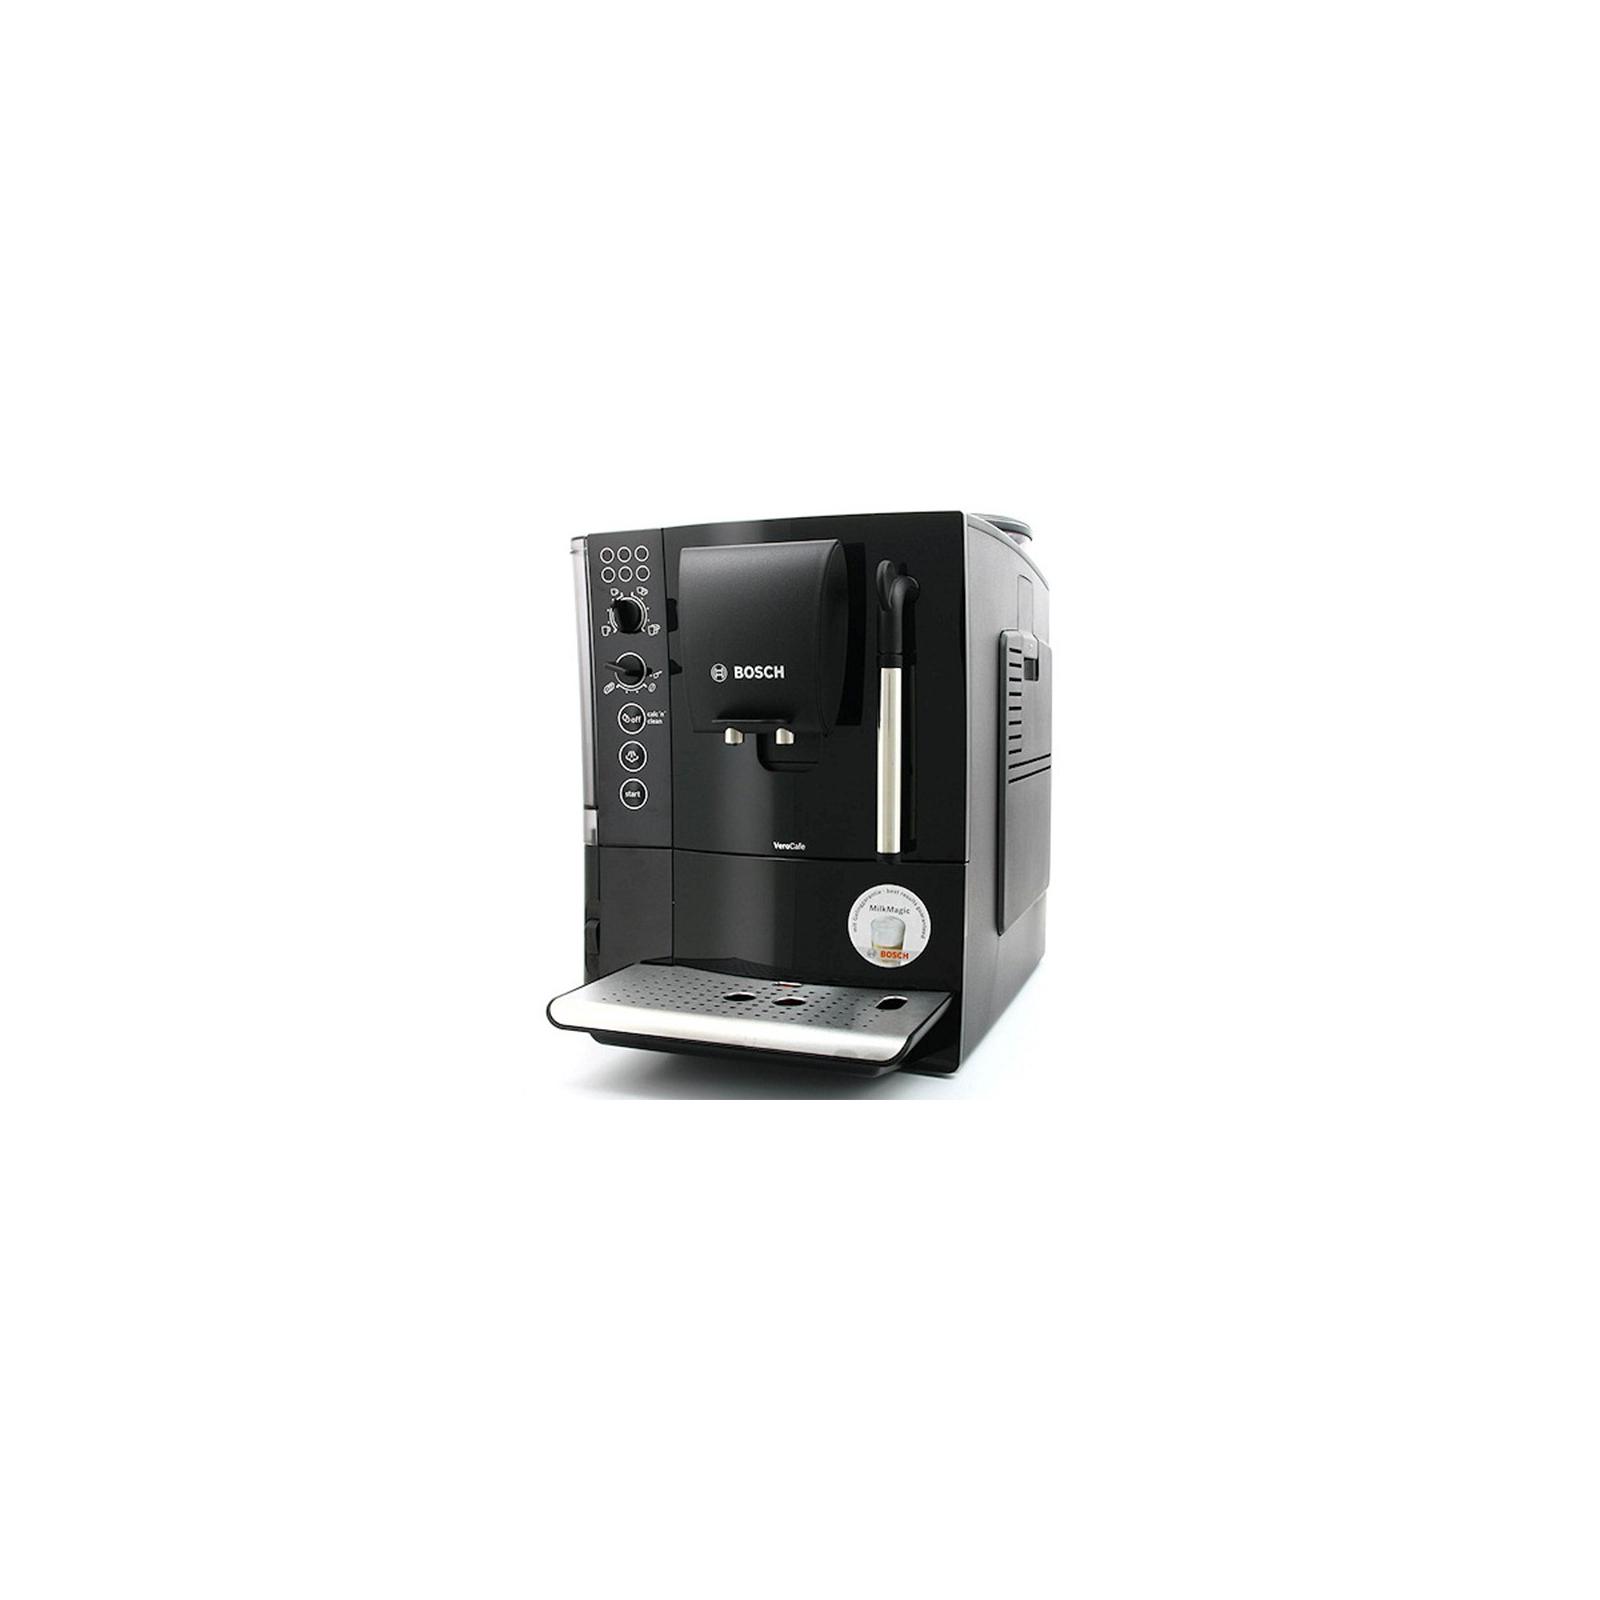 Кофеварка BOSCH TES50129RW изображение 2